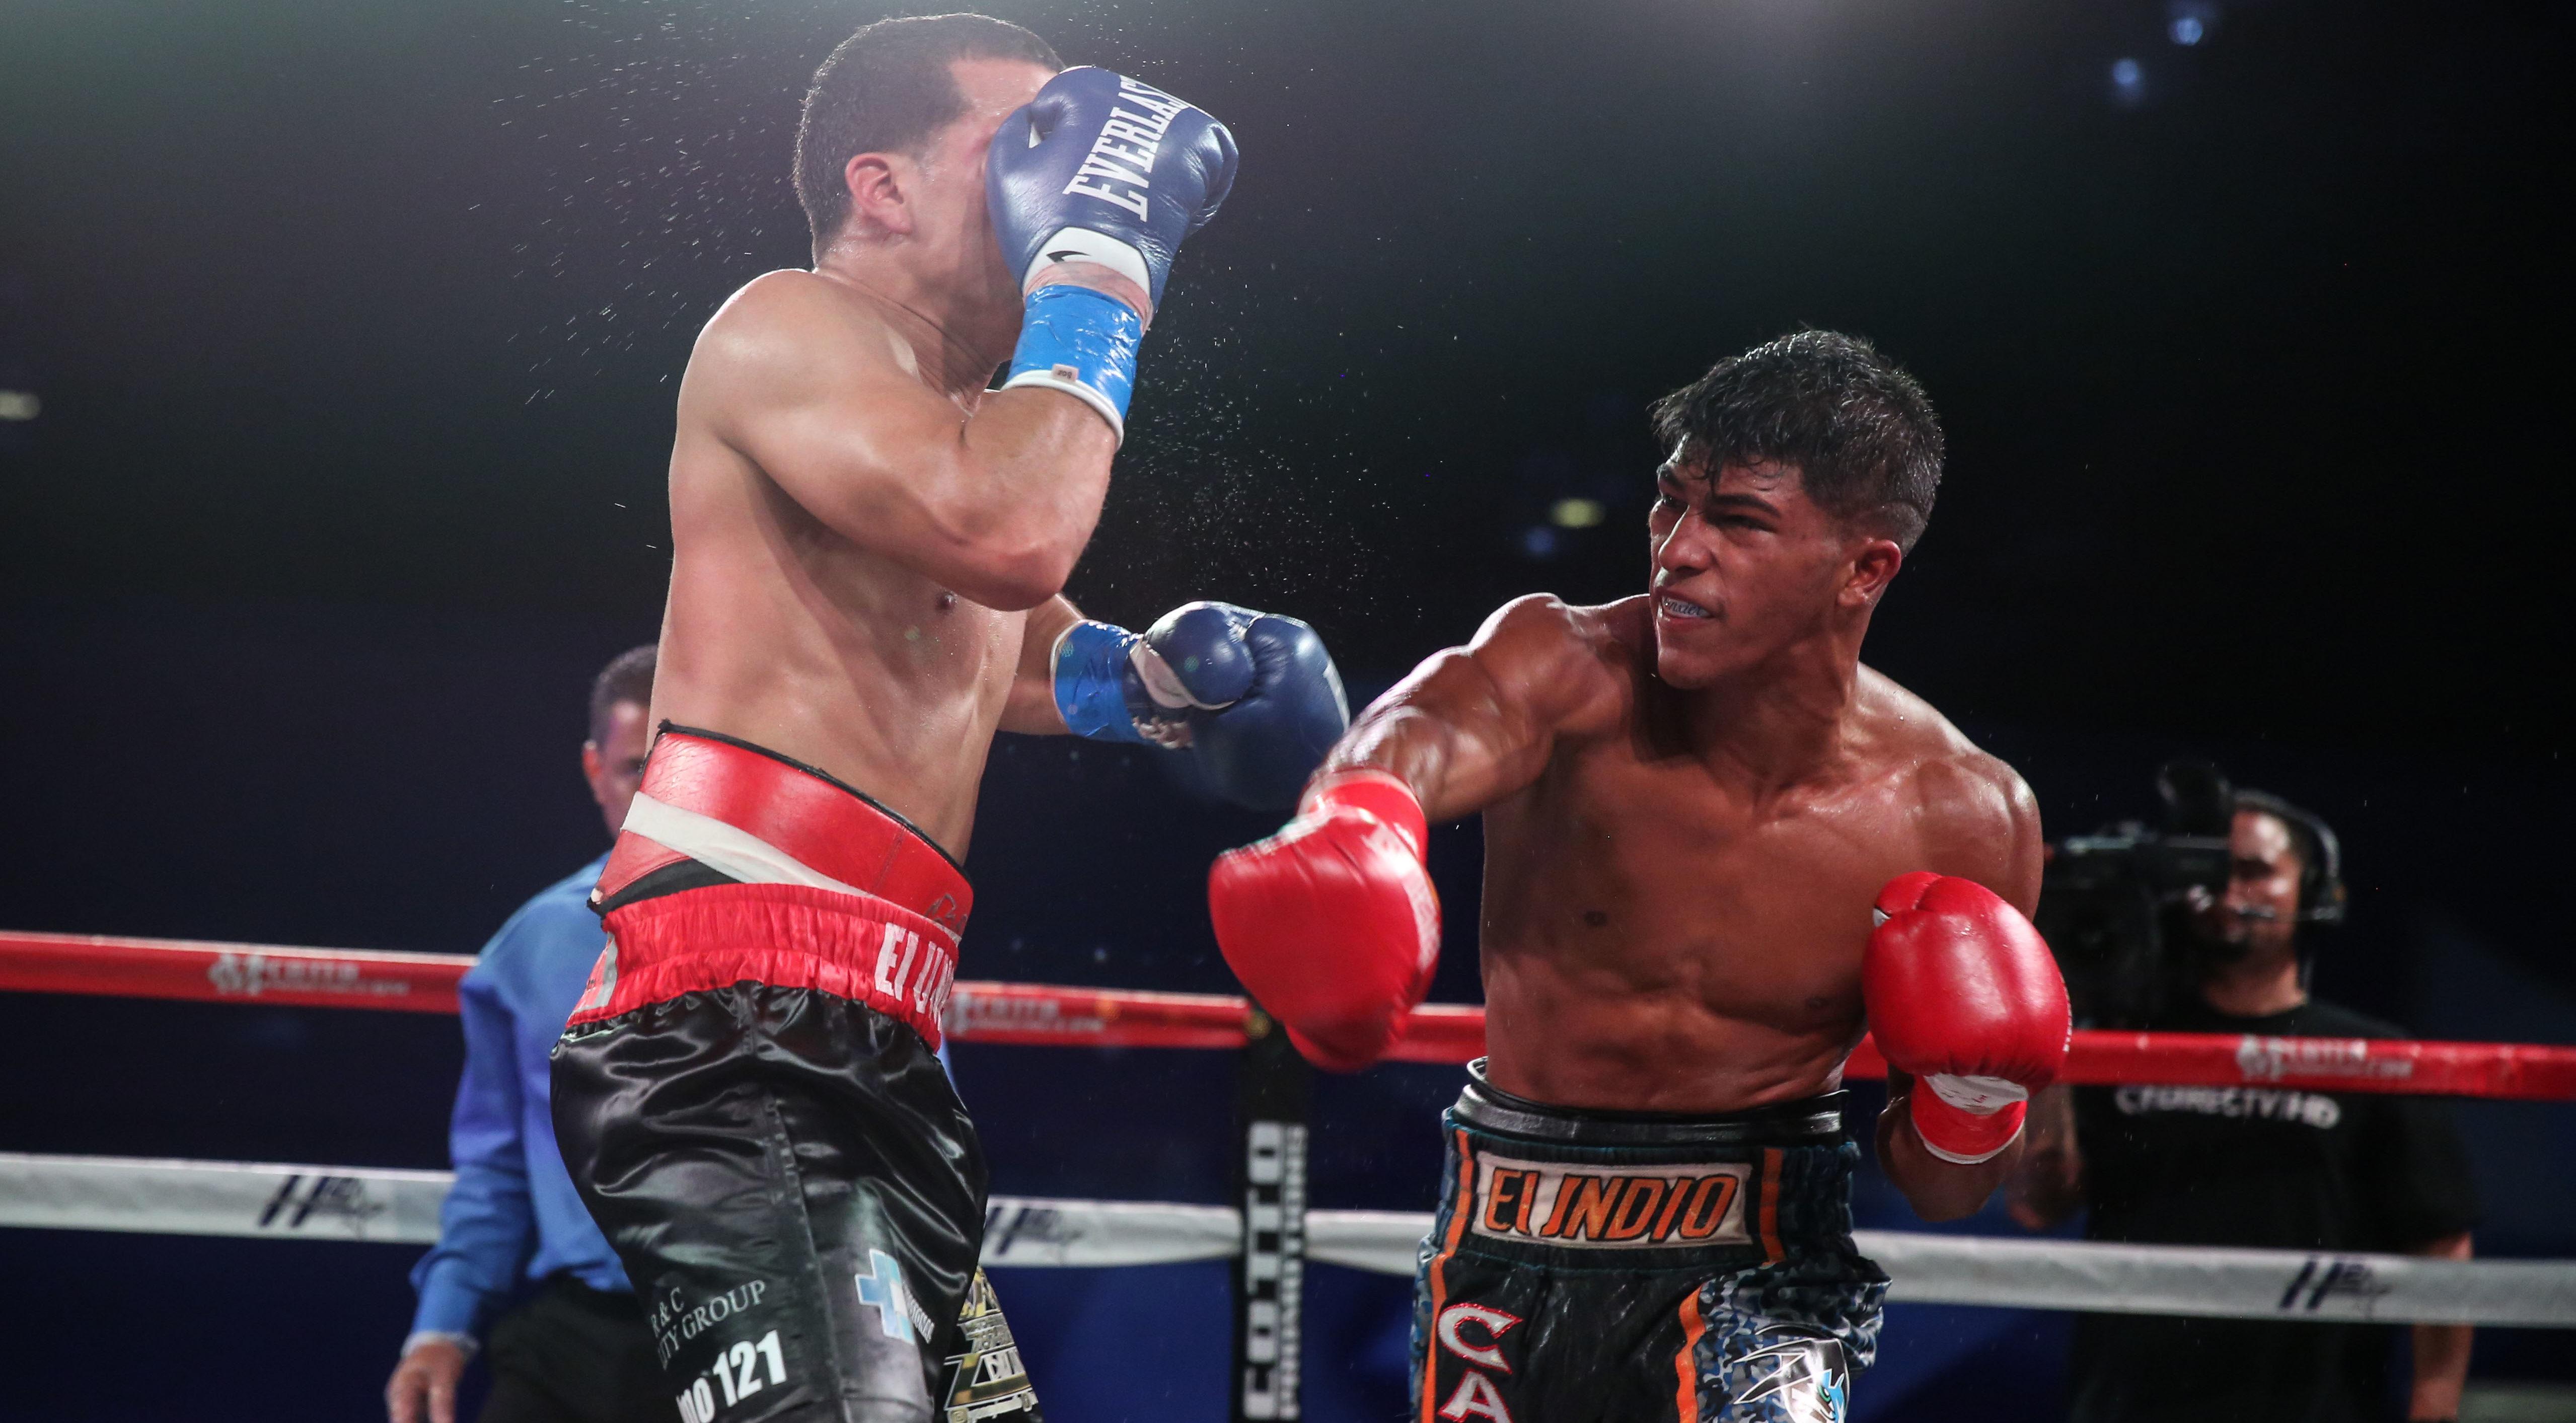 Ambos peleadores intercambiaron golpes en el centro del ring.